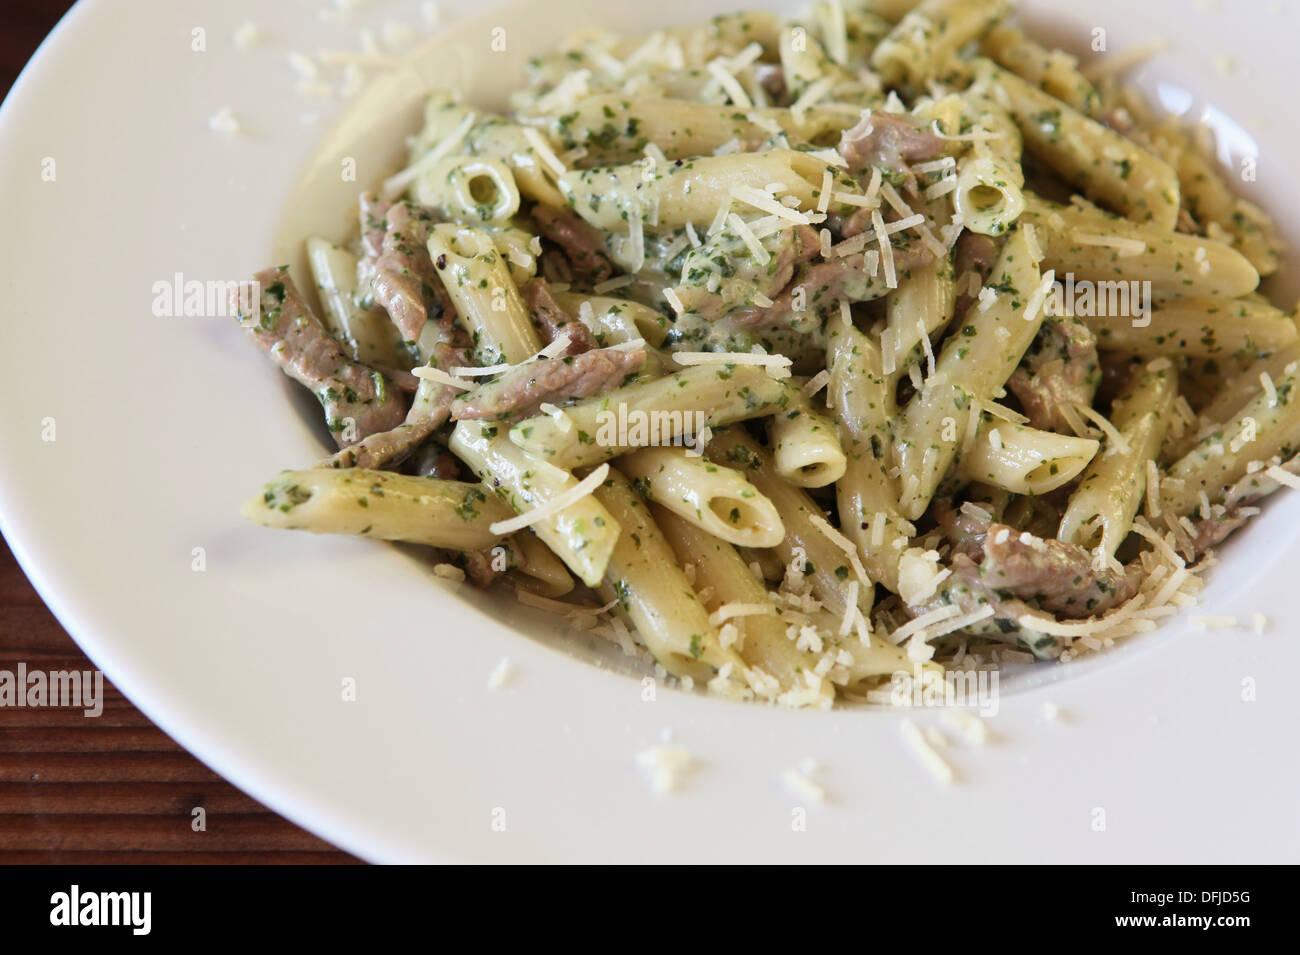 Una porción de pasta penne con hierbas, carne y queso Imagen De Stock